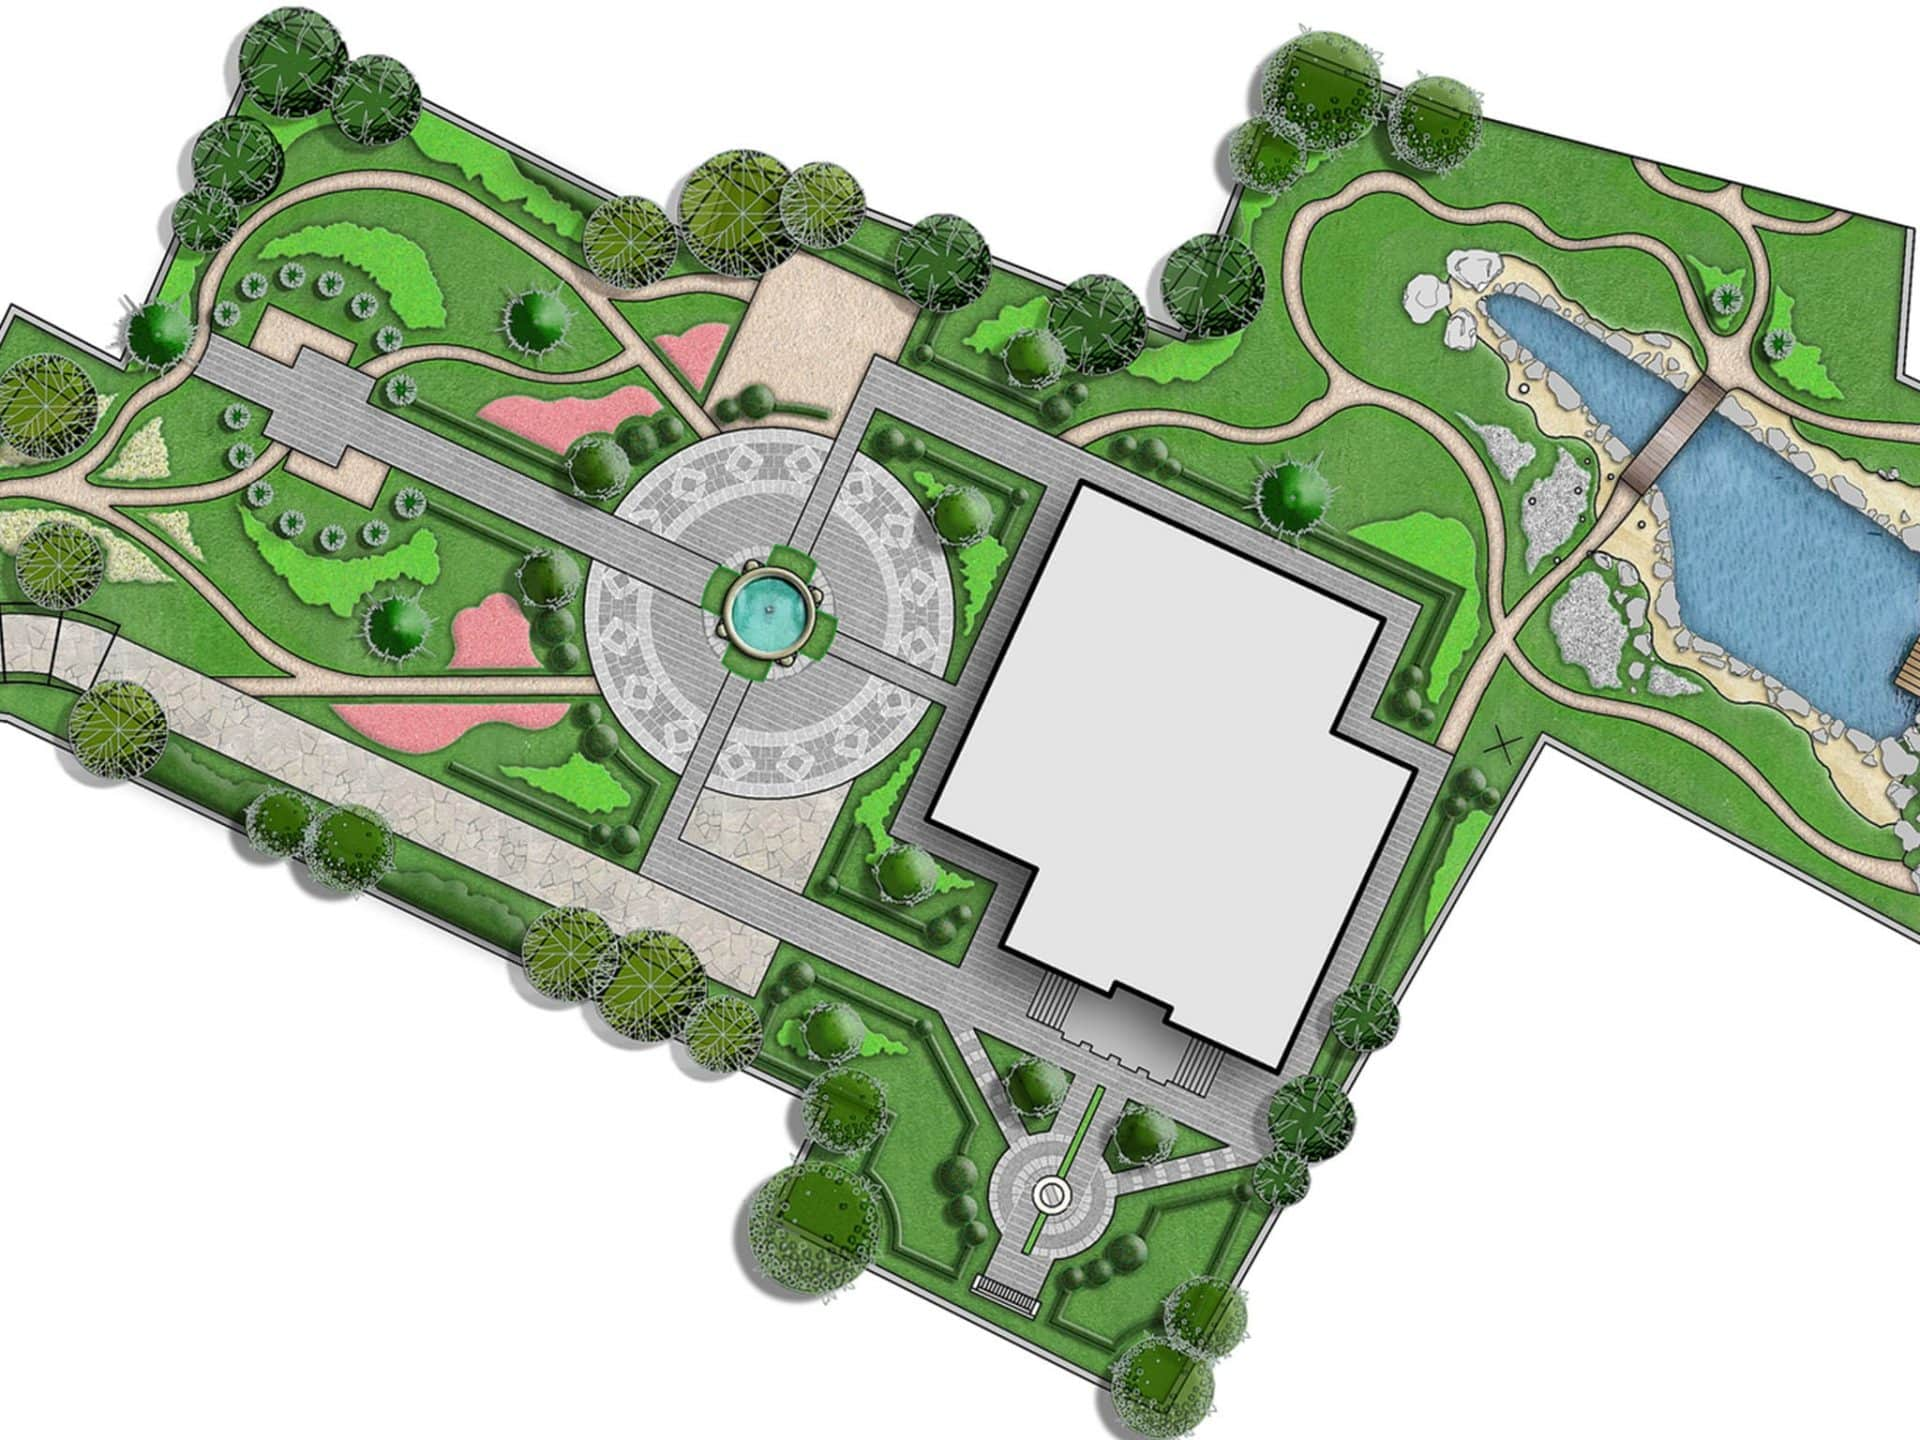 10 kostenlose gartenplaner online software app in 3d im test for Gartenplanung 3d software